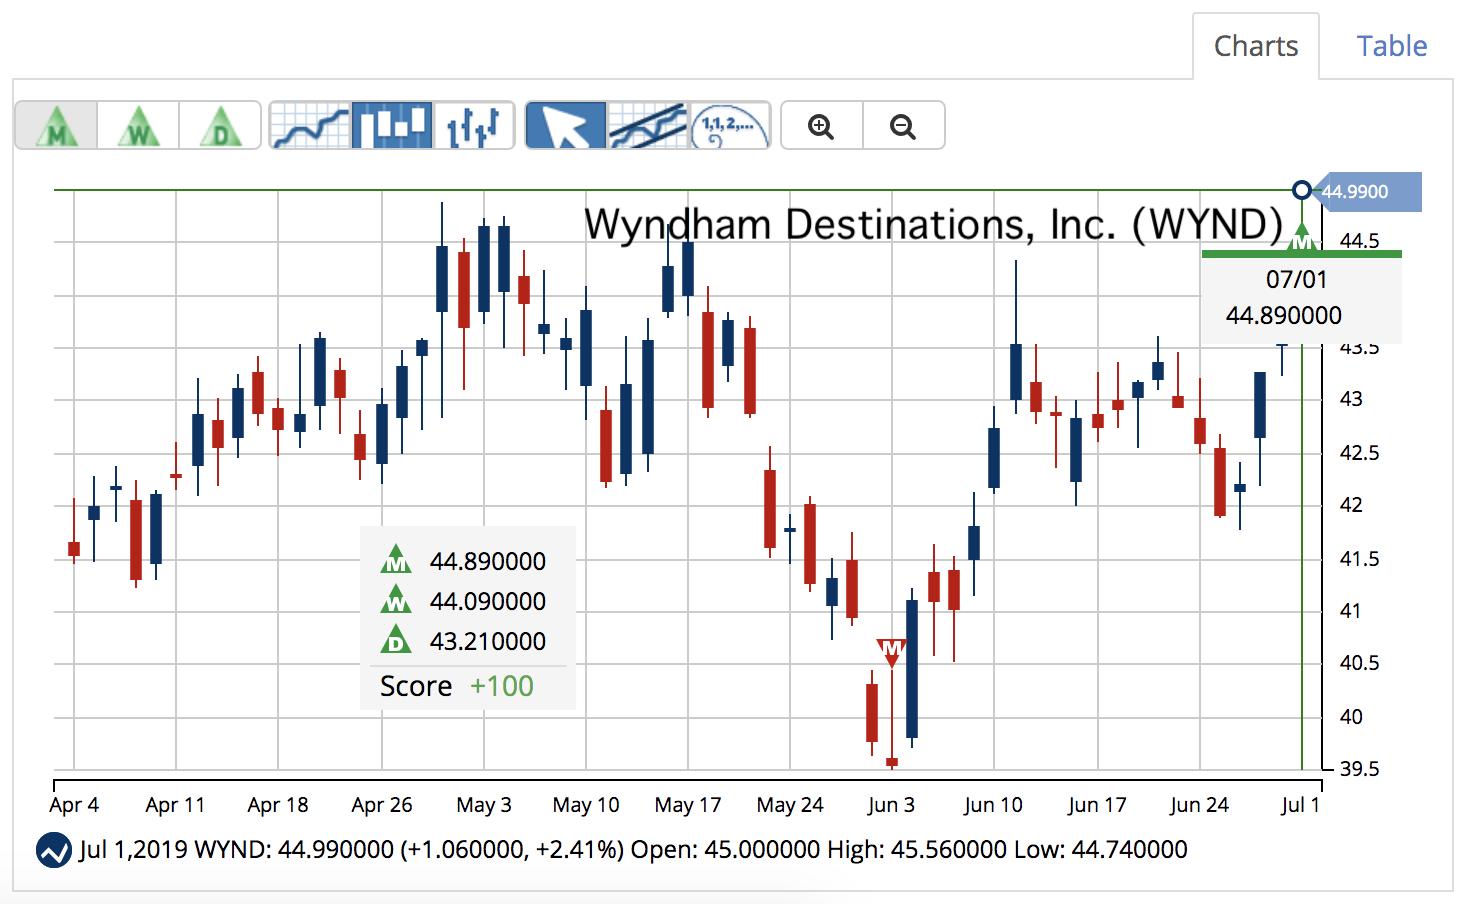 WYND Chart